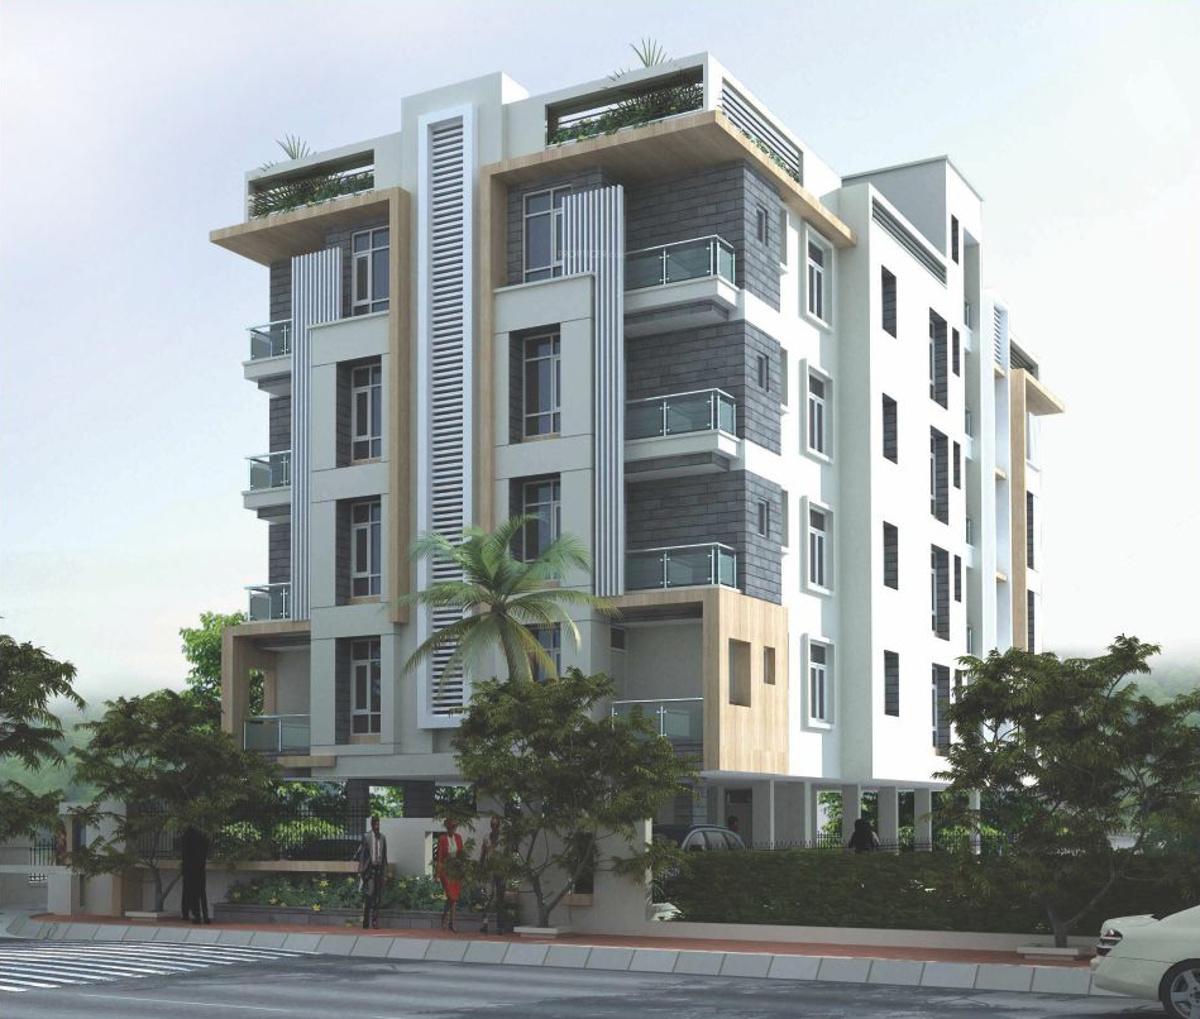 Elevation Stones Bangalore : Main elevation image of living stone aarudha unit